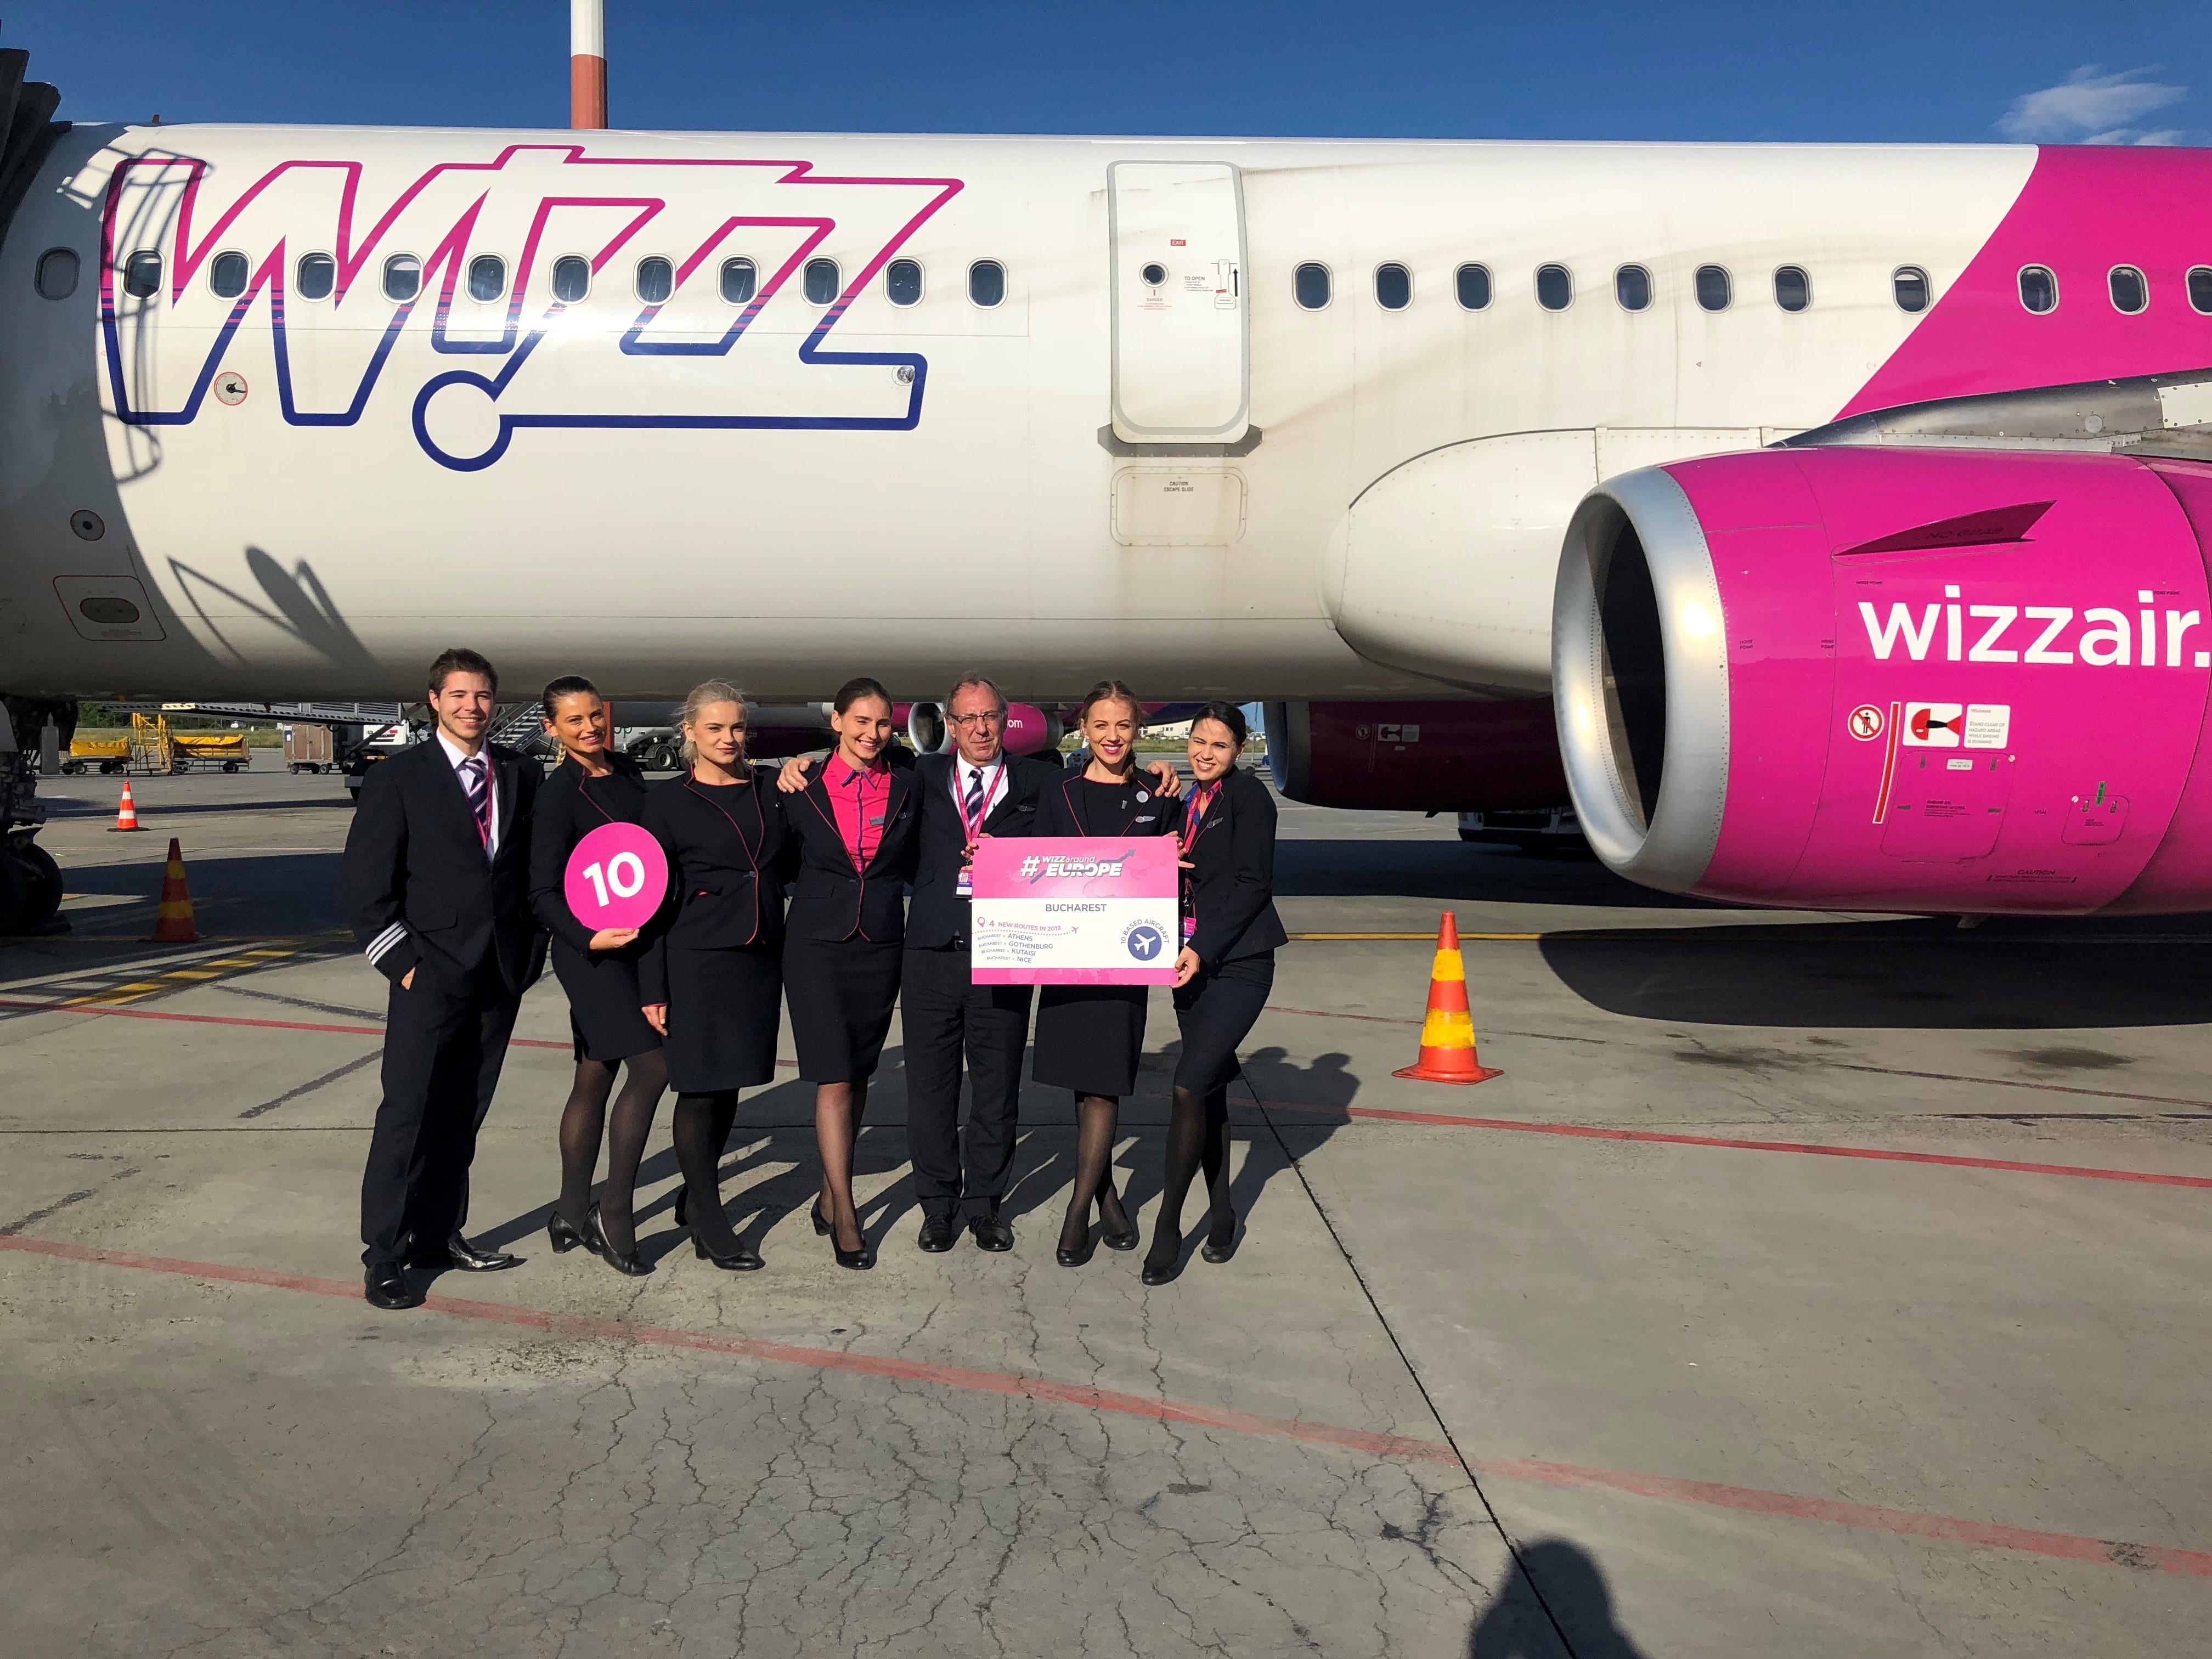 Sărbătoare la Wizz Air: A zecea aeronavă la București și 11 ani de la deschiderea bazei